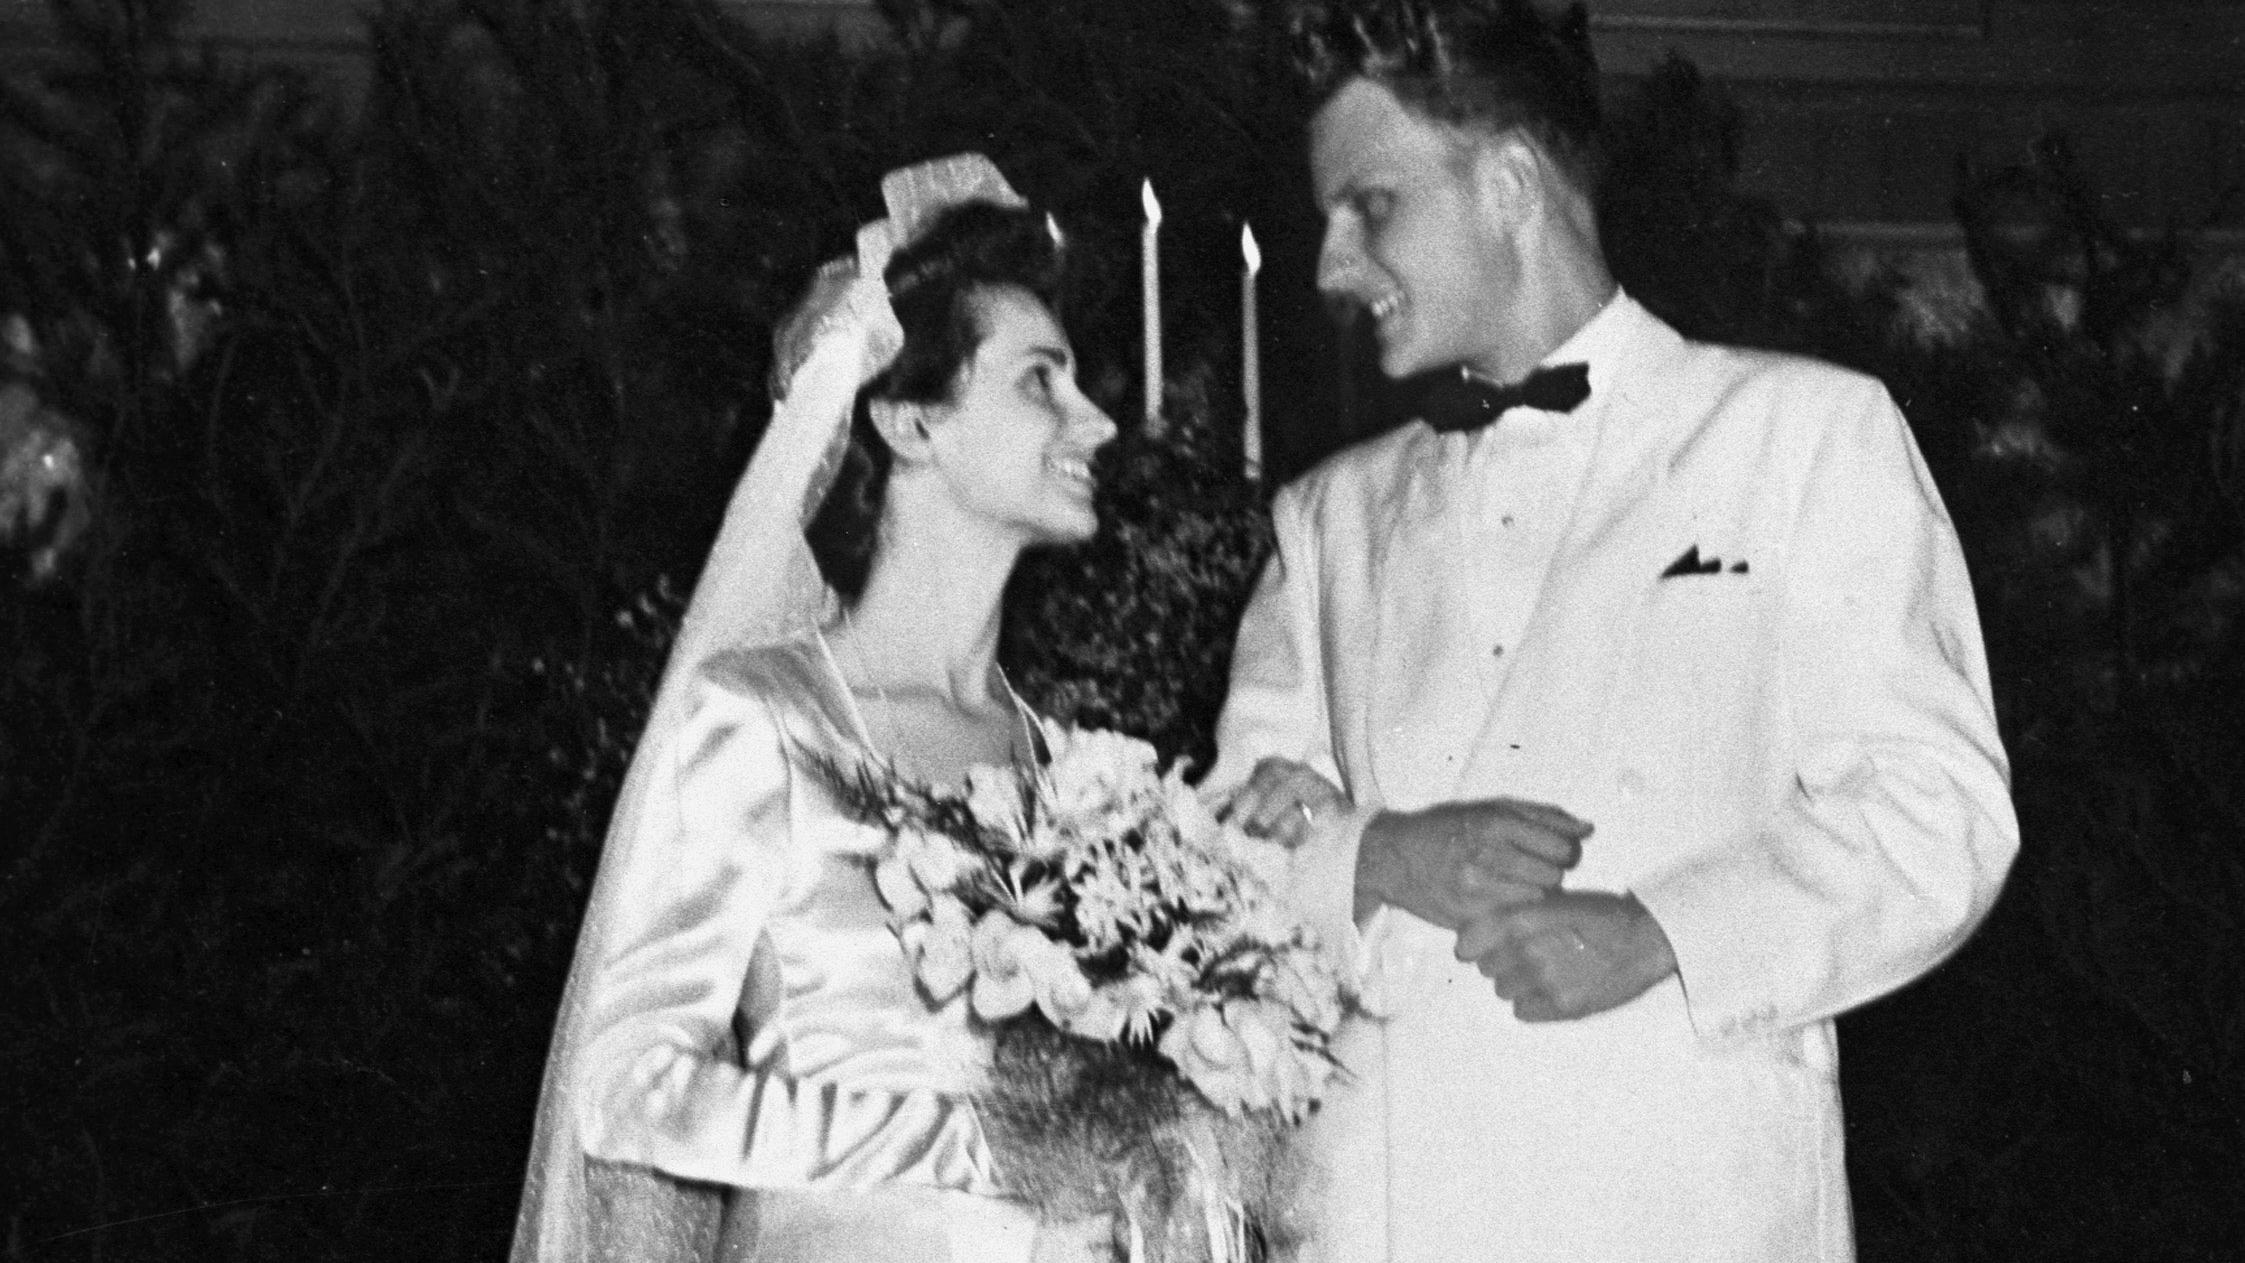 Ruth và Billy làm đám cưới năm 1943